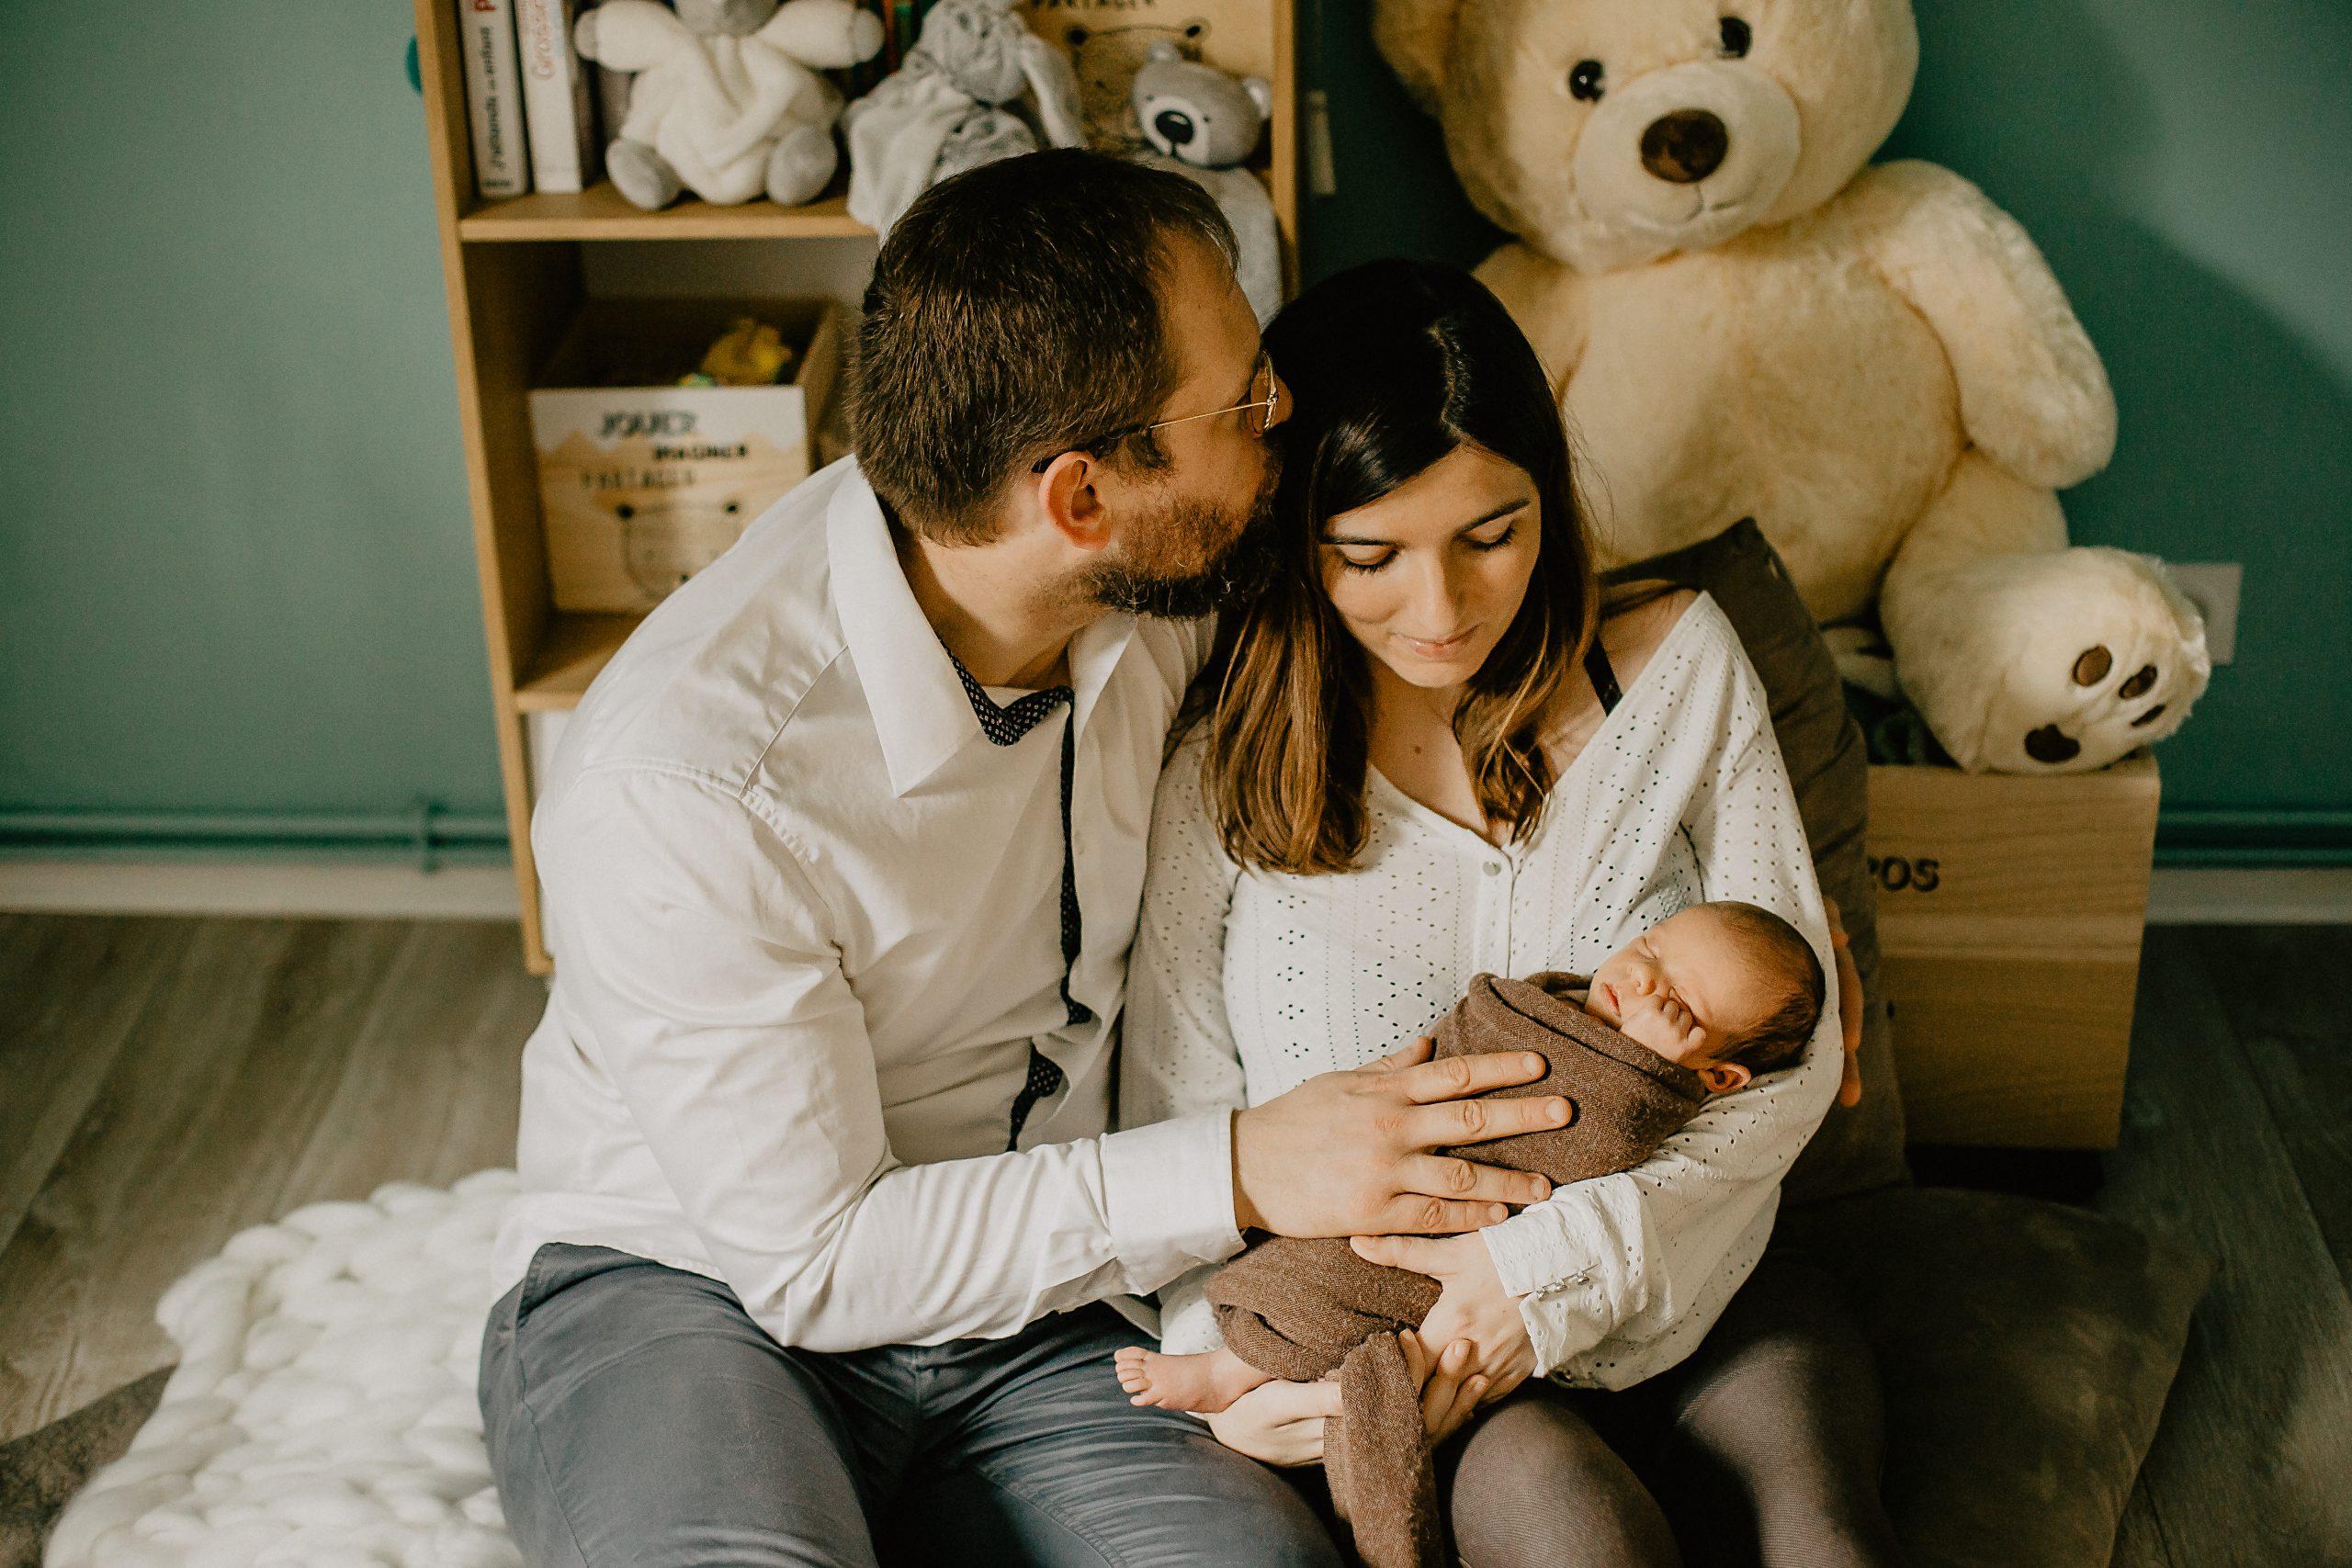 Virginie M. Photos-séance à domicile-bébé-naissance-lifestyle-amour-famille-photographe Lille-Nord-Lille-photos-nouveau né (25)